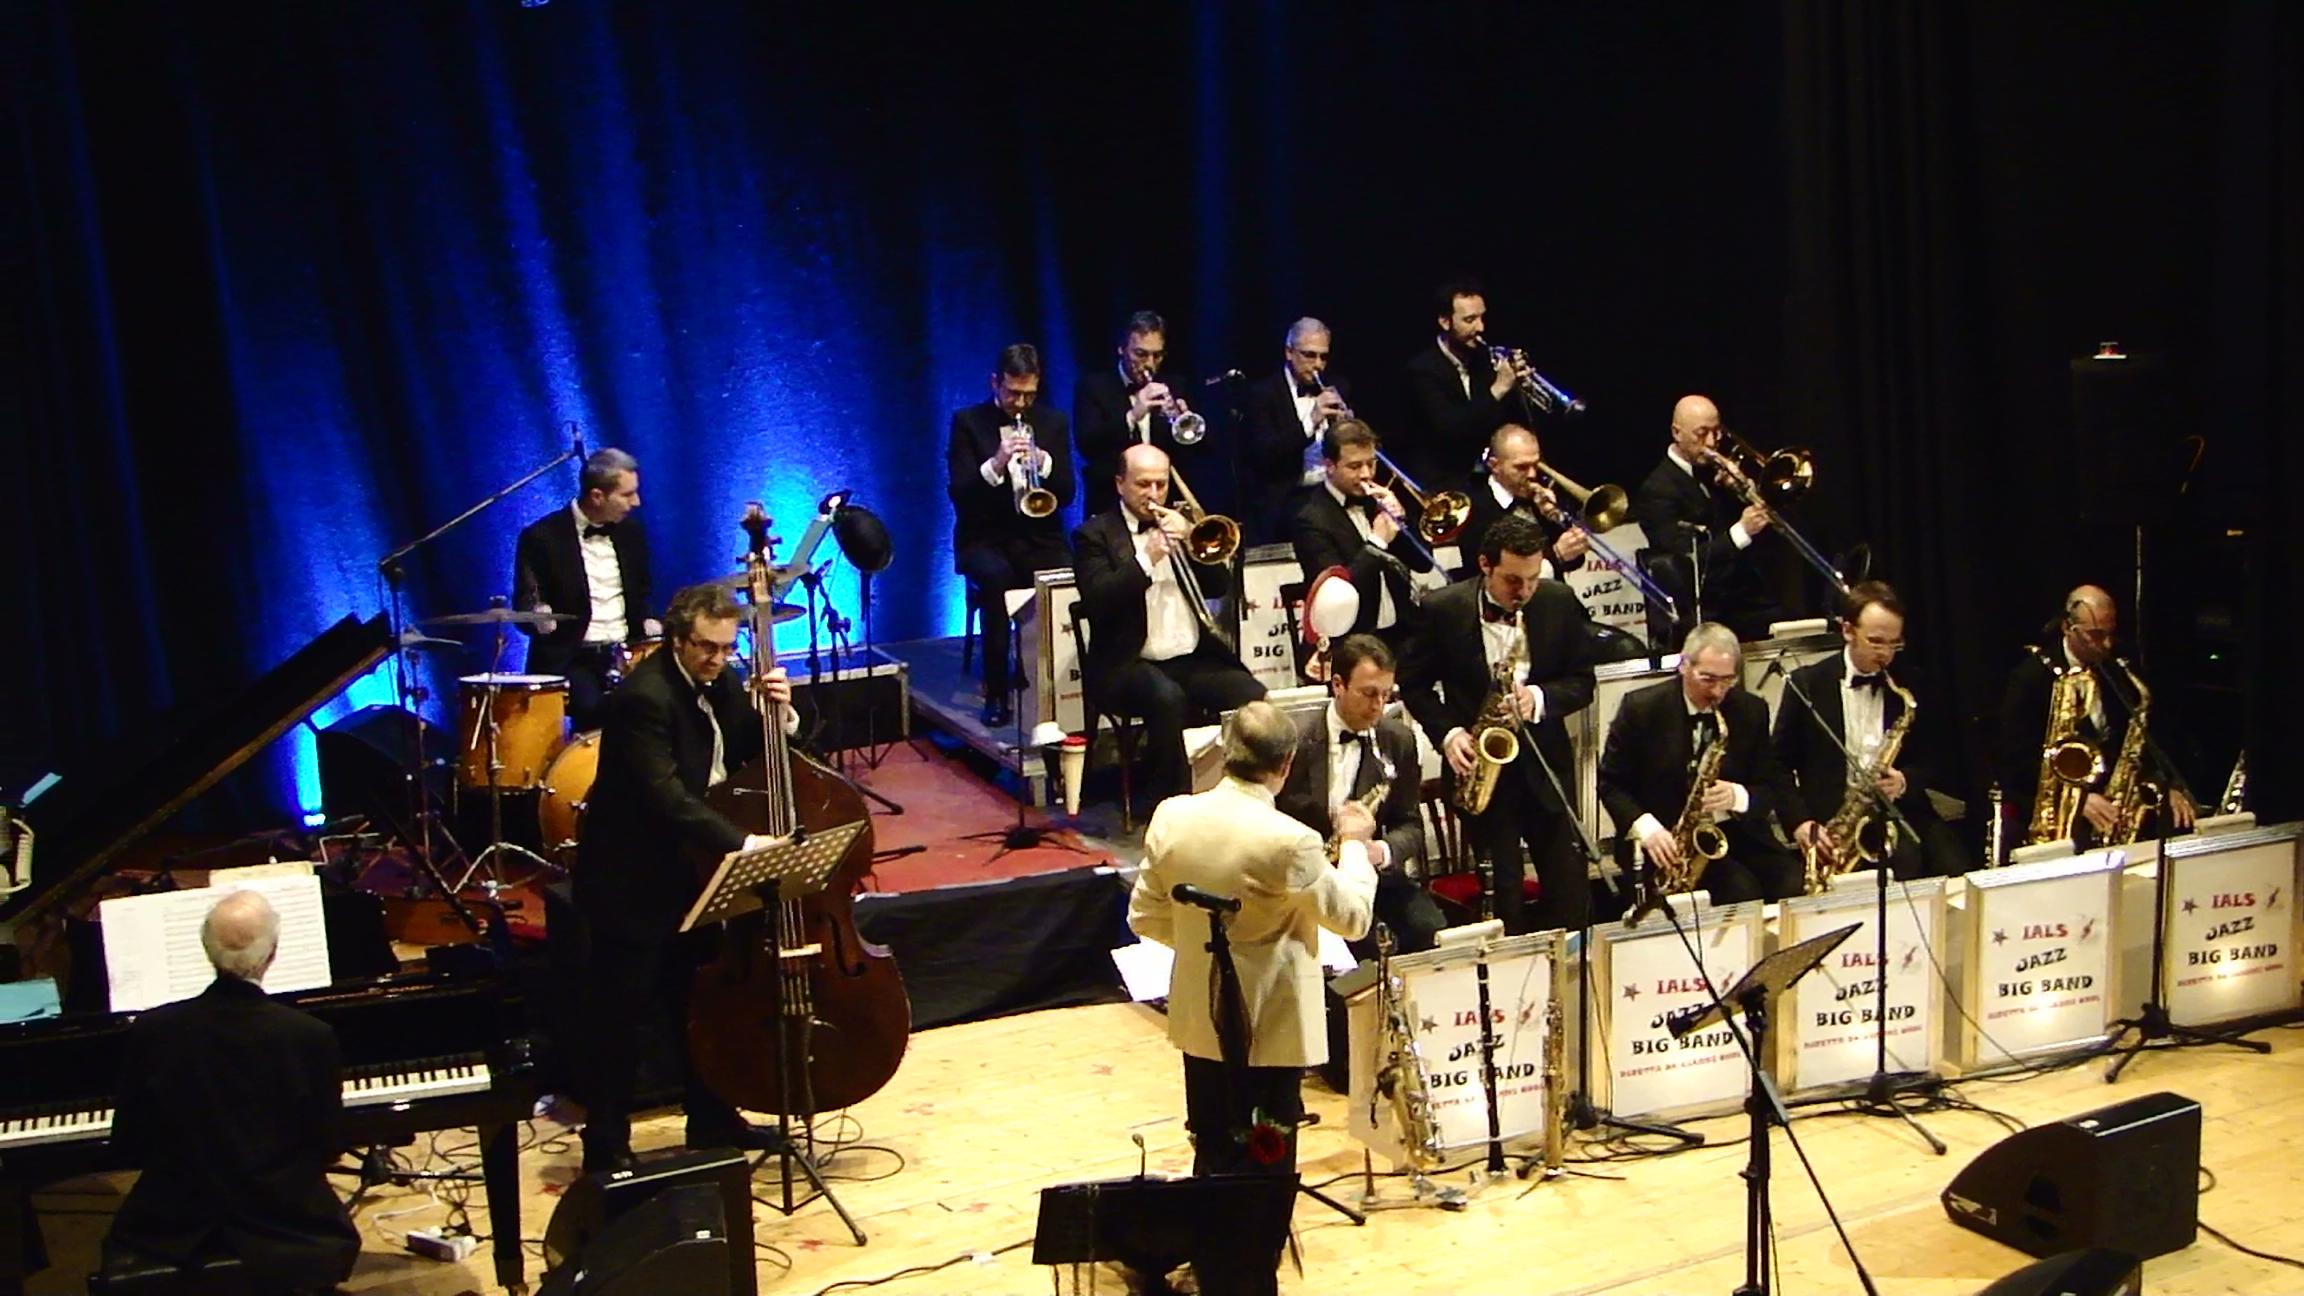 Grande successo per la Ials Jazz Big Band nel concerto inaugurale dell'Officina Culturale